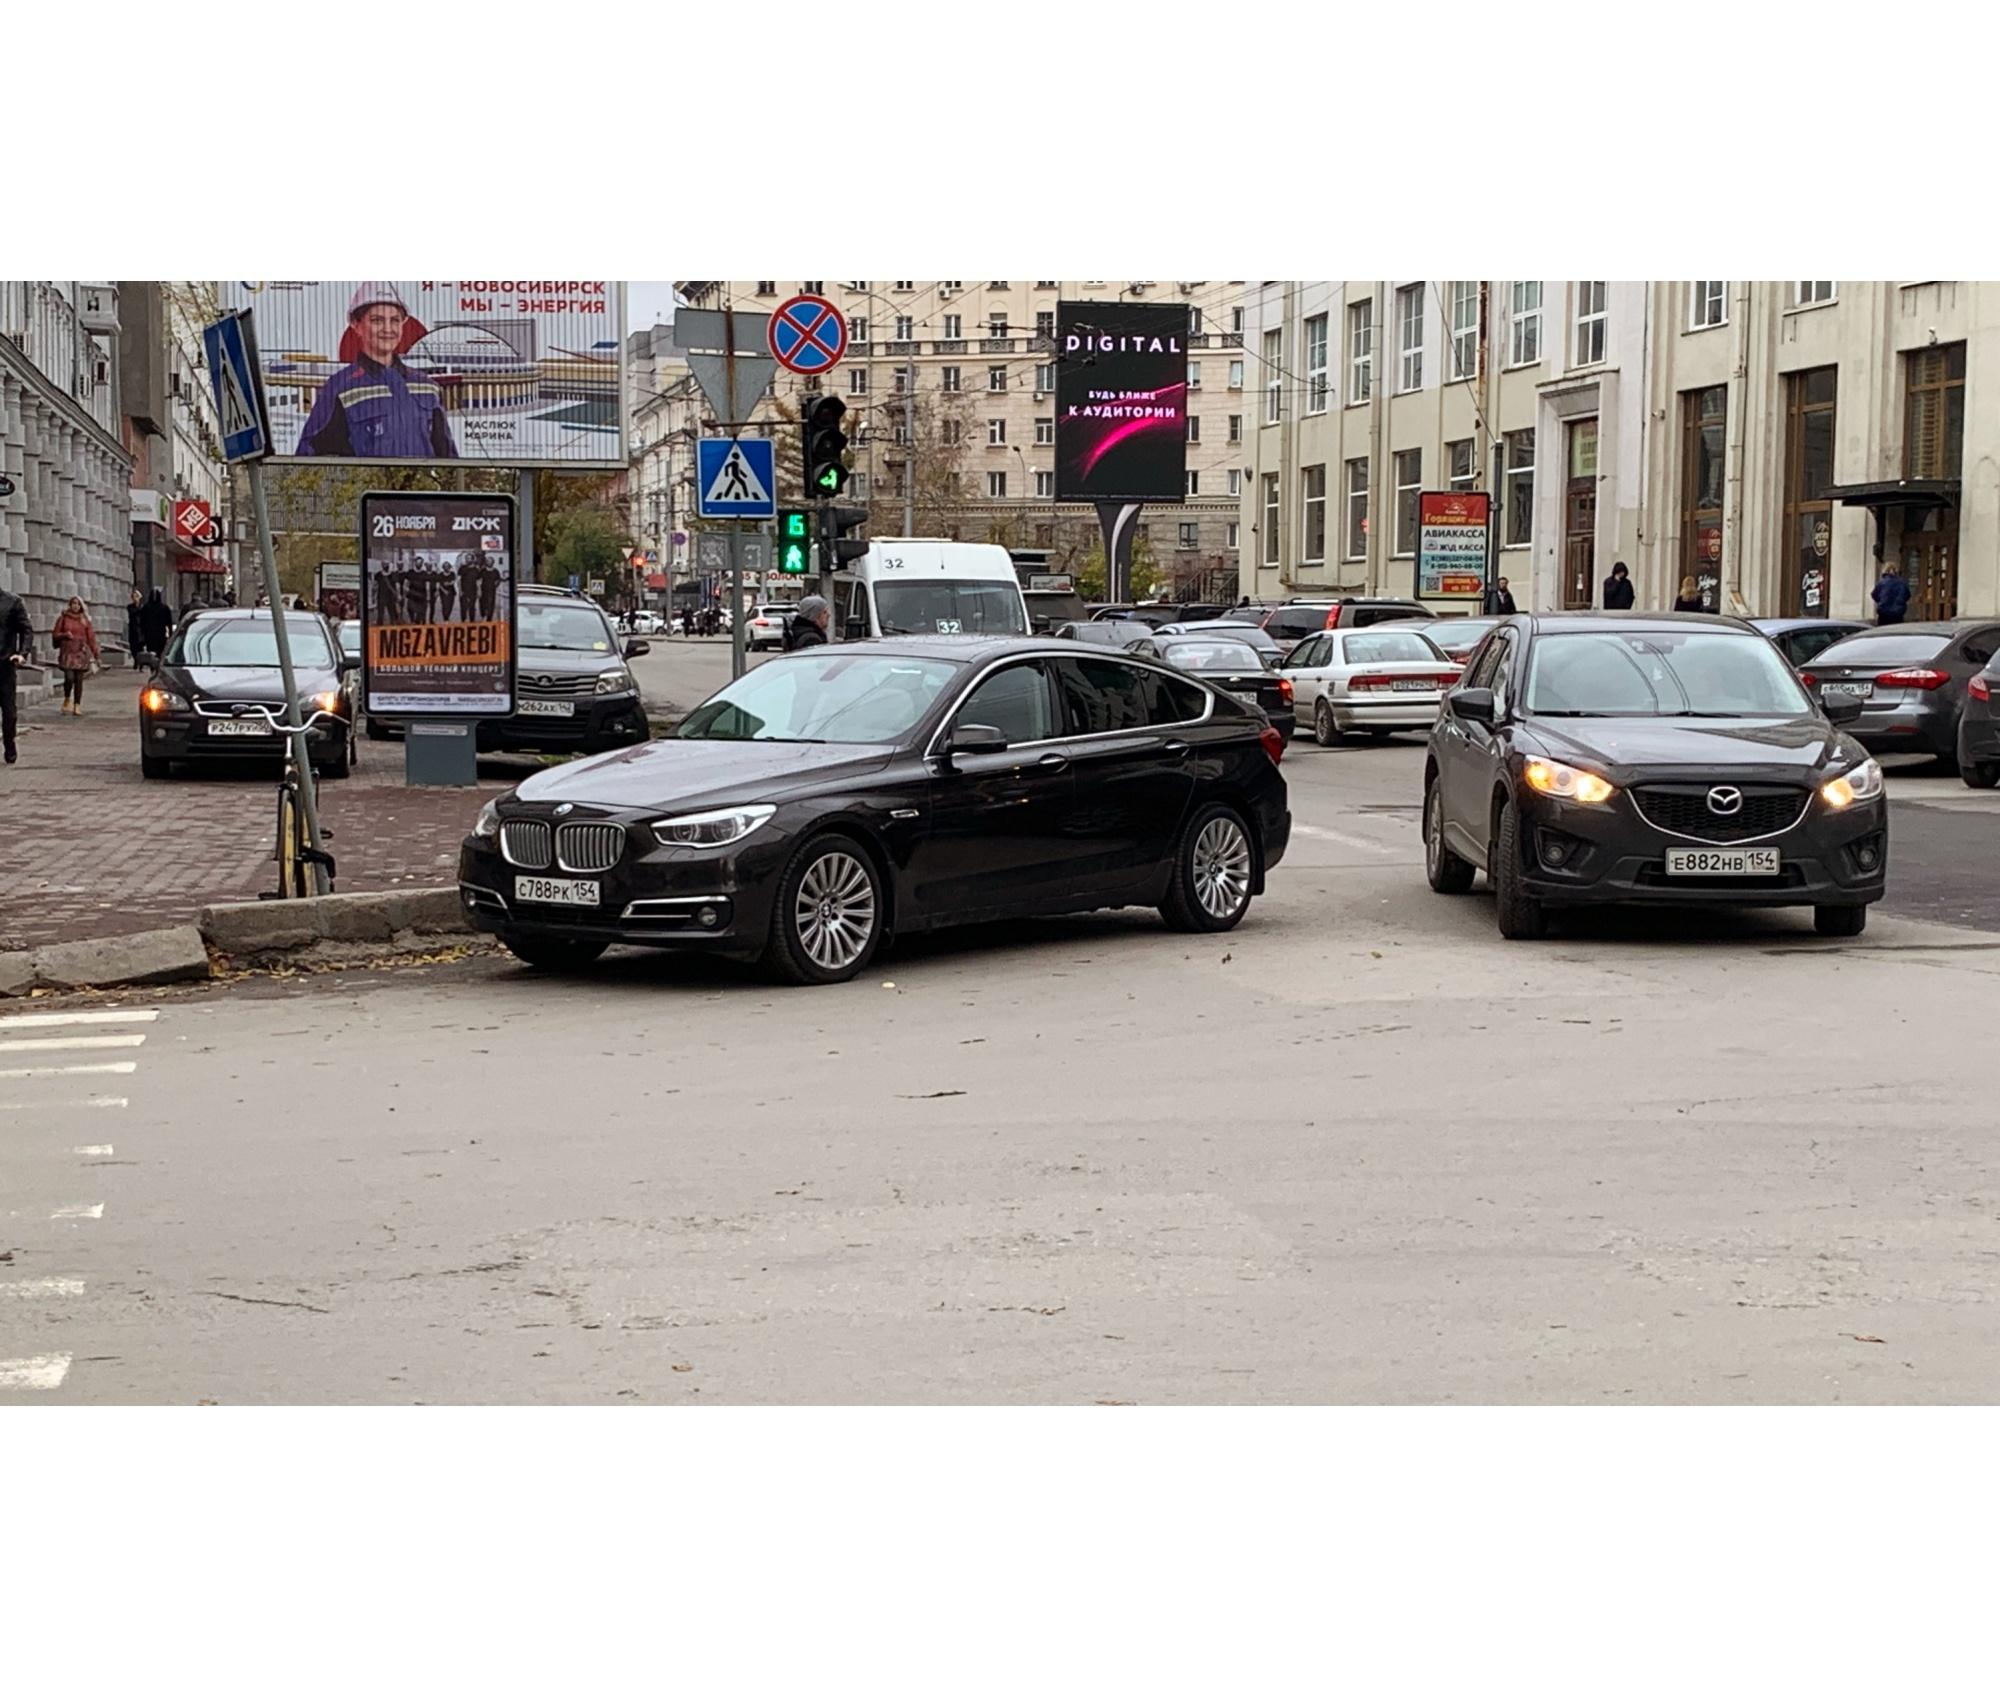 BMW встал на перекрестке, чтобы всем мешать